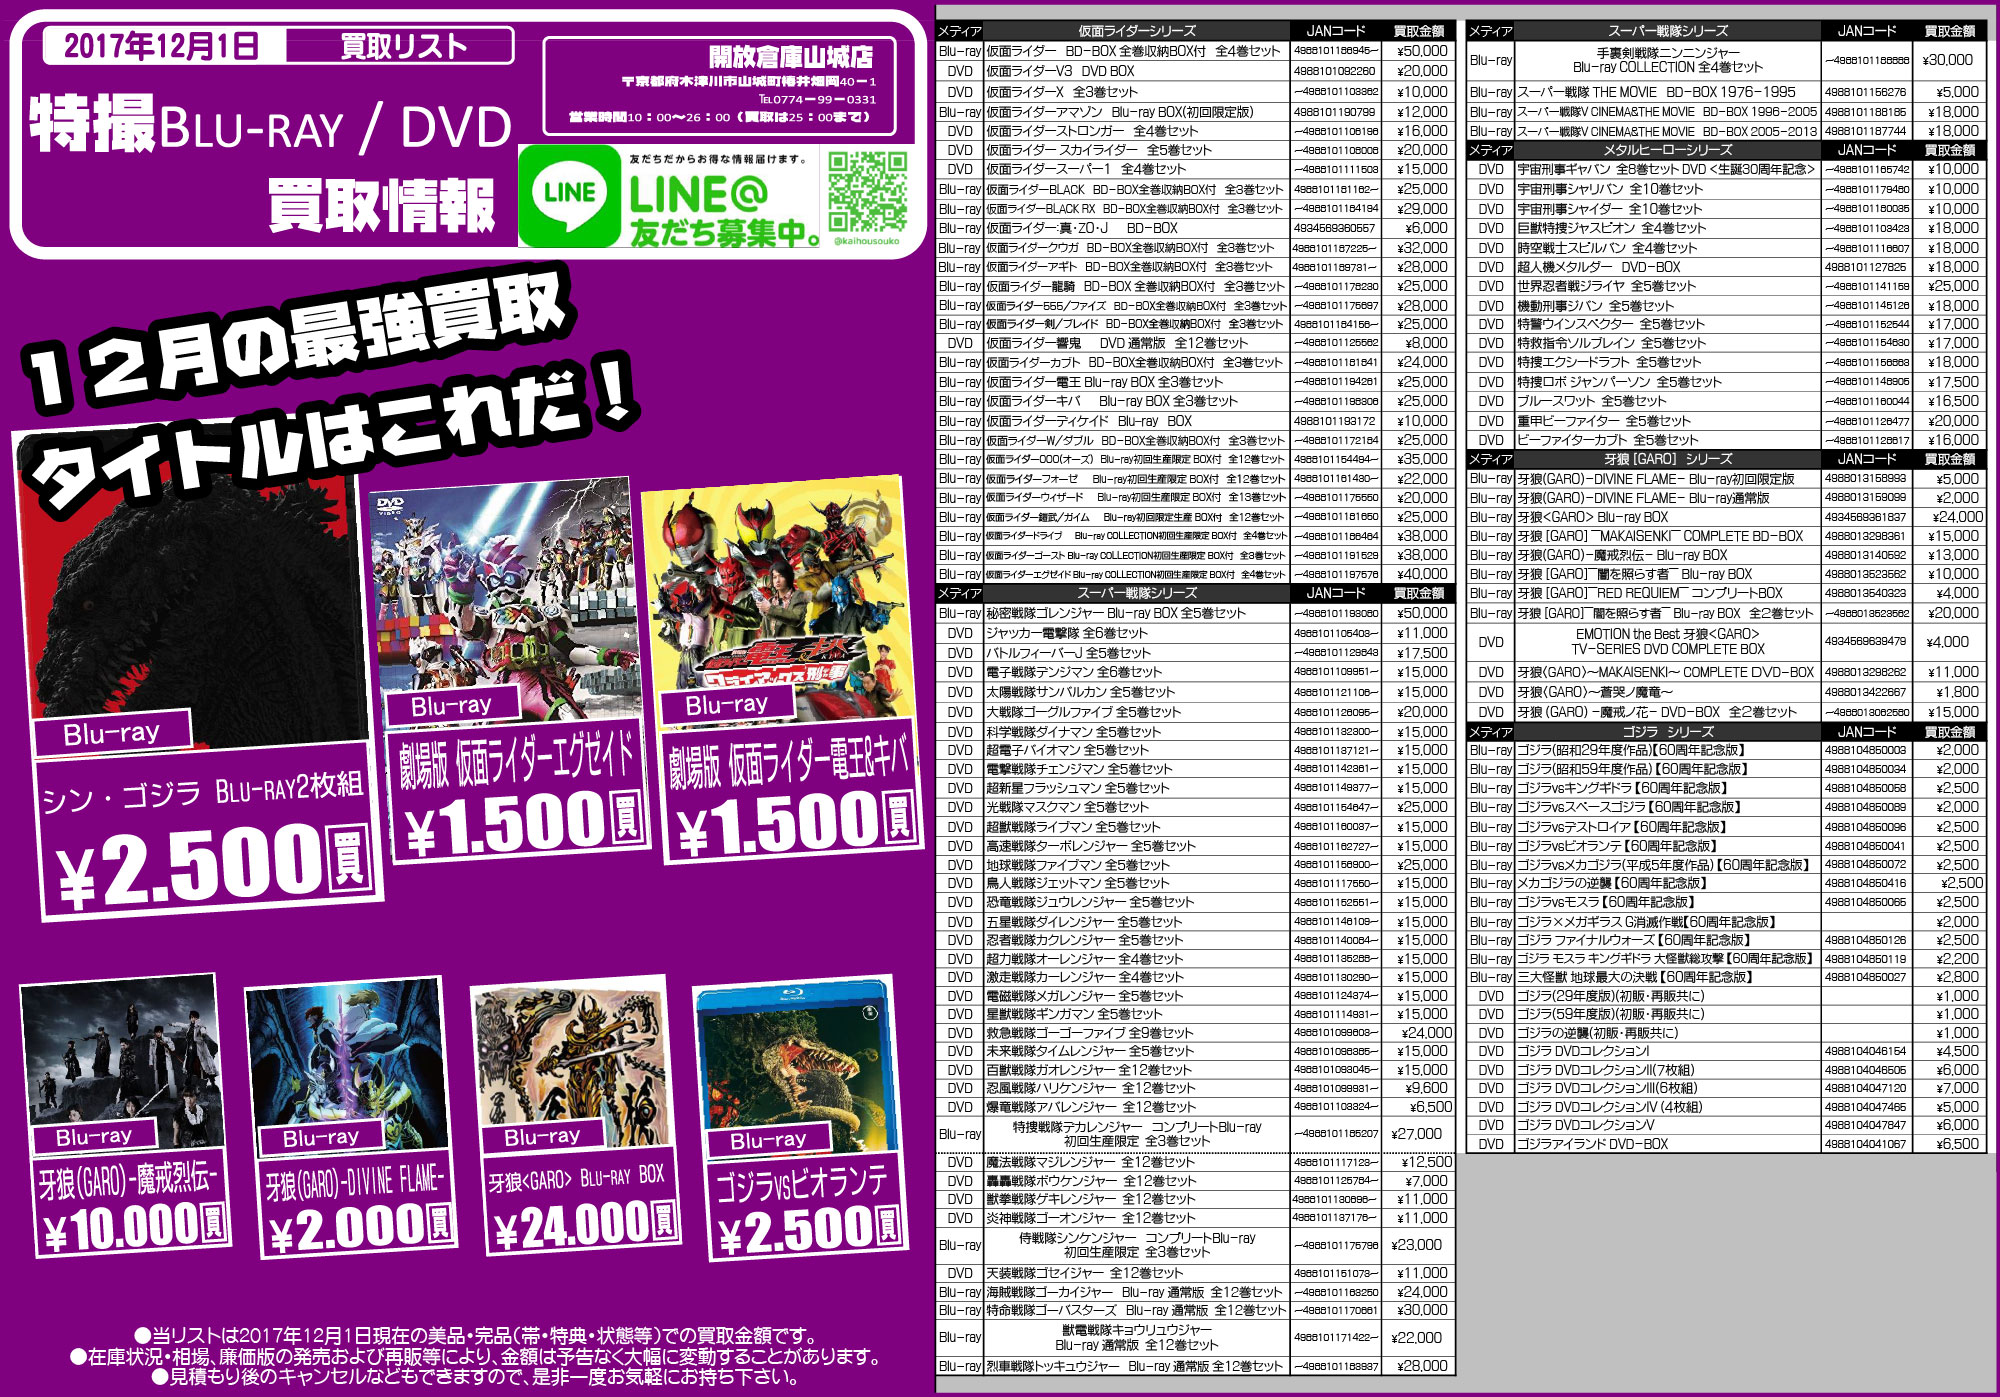 「開放倉庫山城店」Blu-ray・DVDコーナー<特撮買取告知>12月1日の買取リストを更新しました!